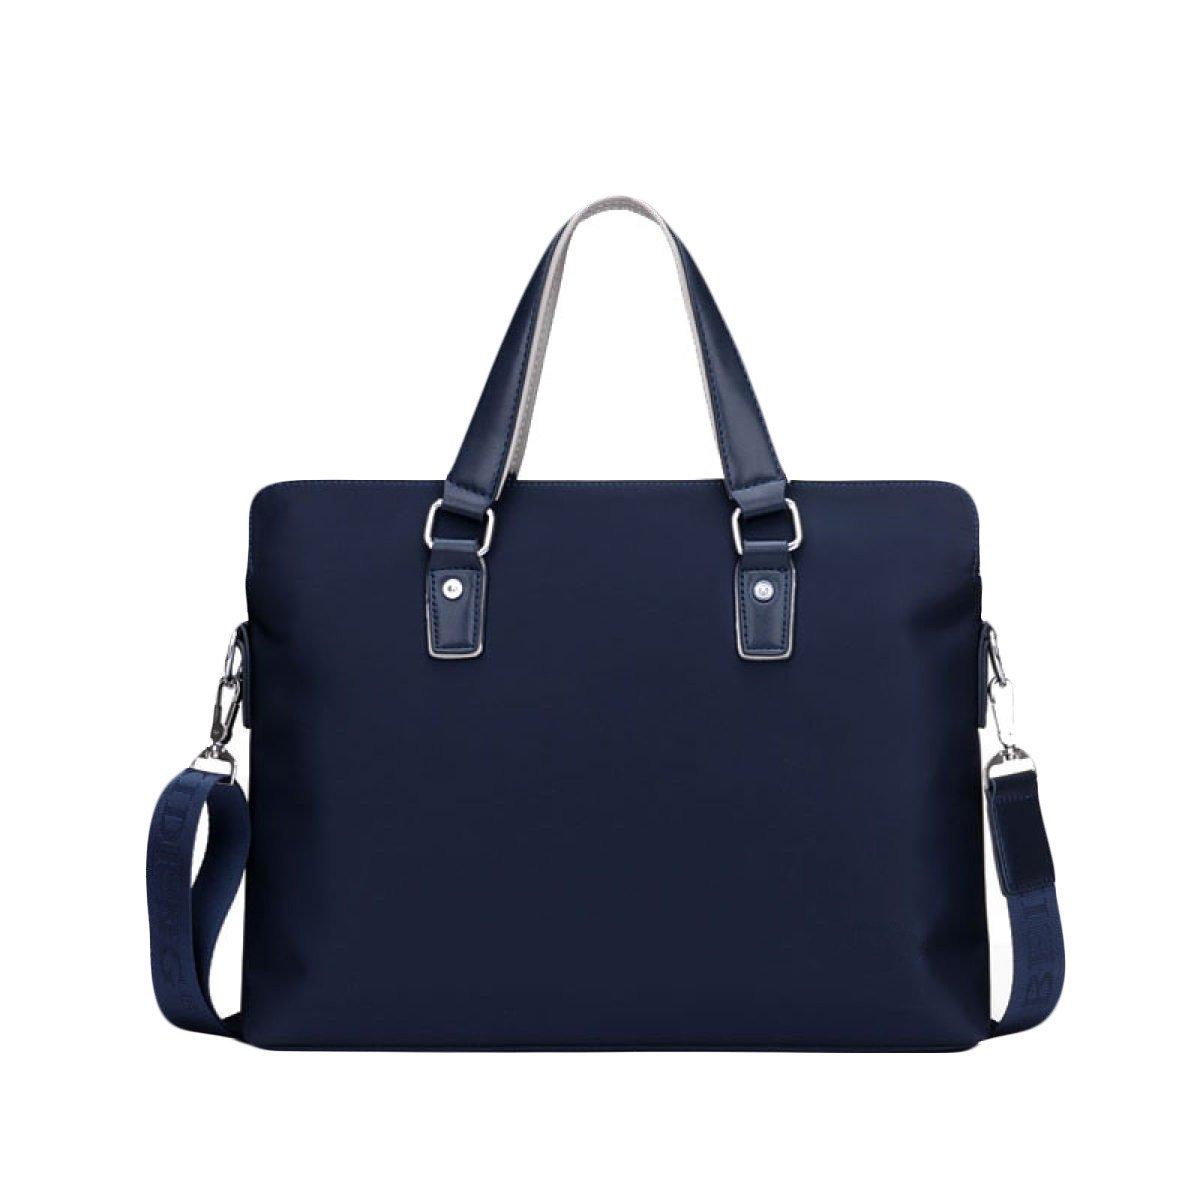 Bag Canvas Schultertasche Aktentasche Bag Casual Querschnitt